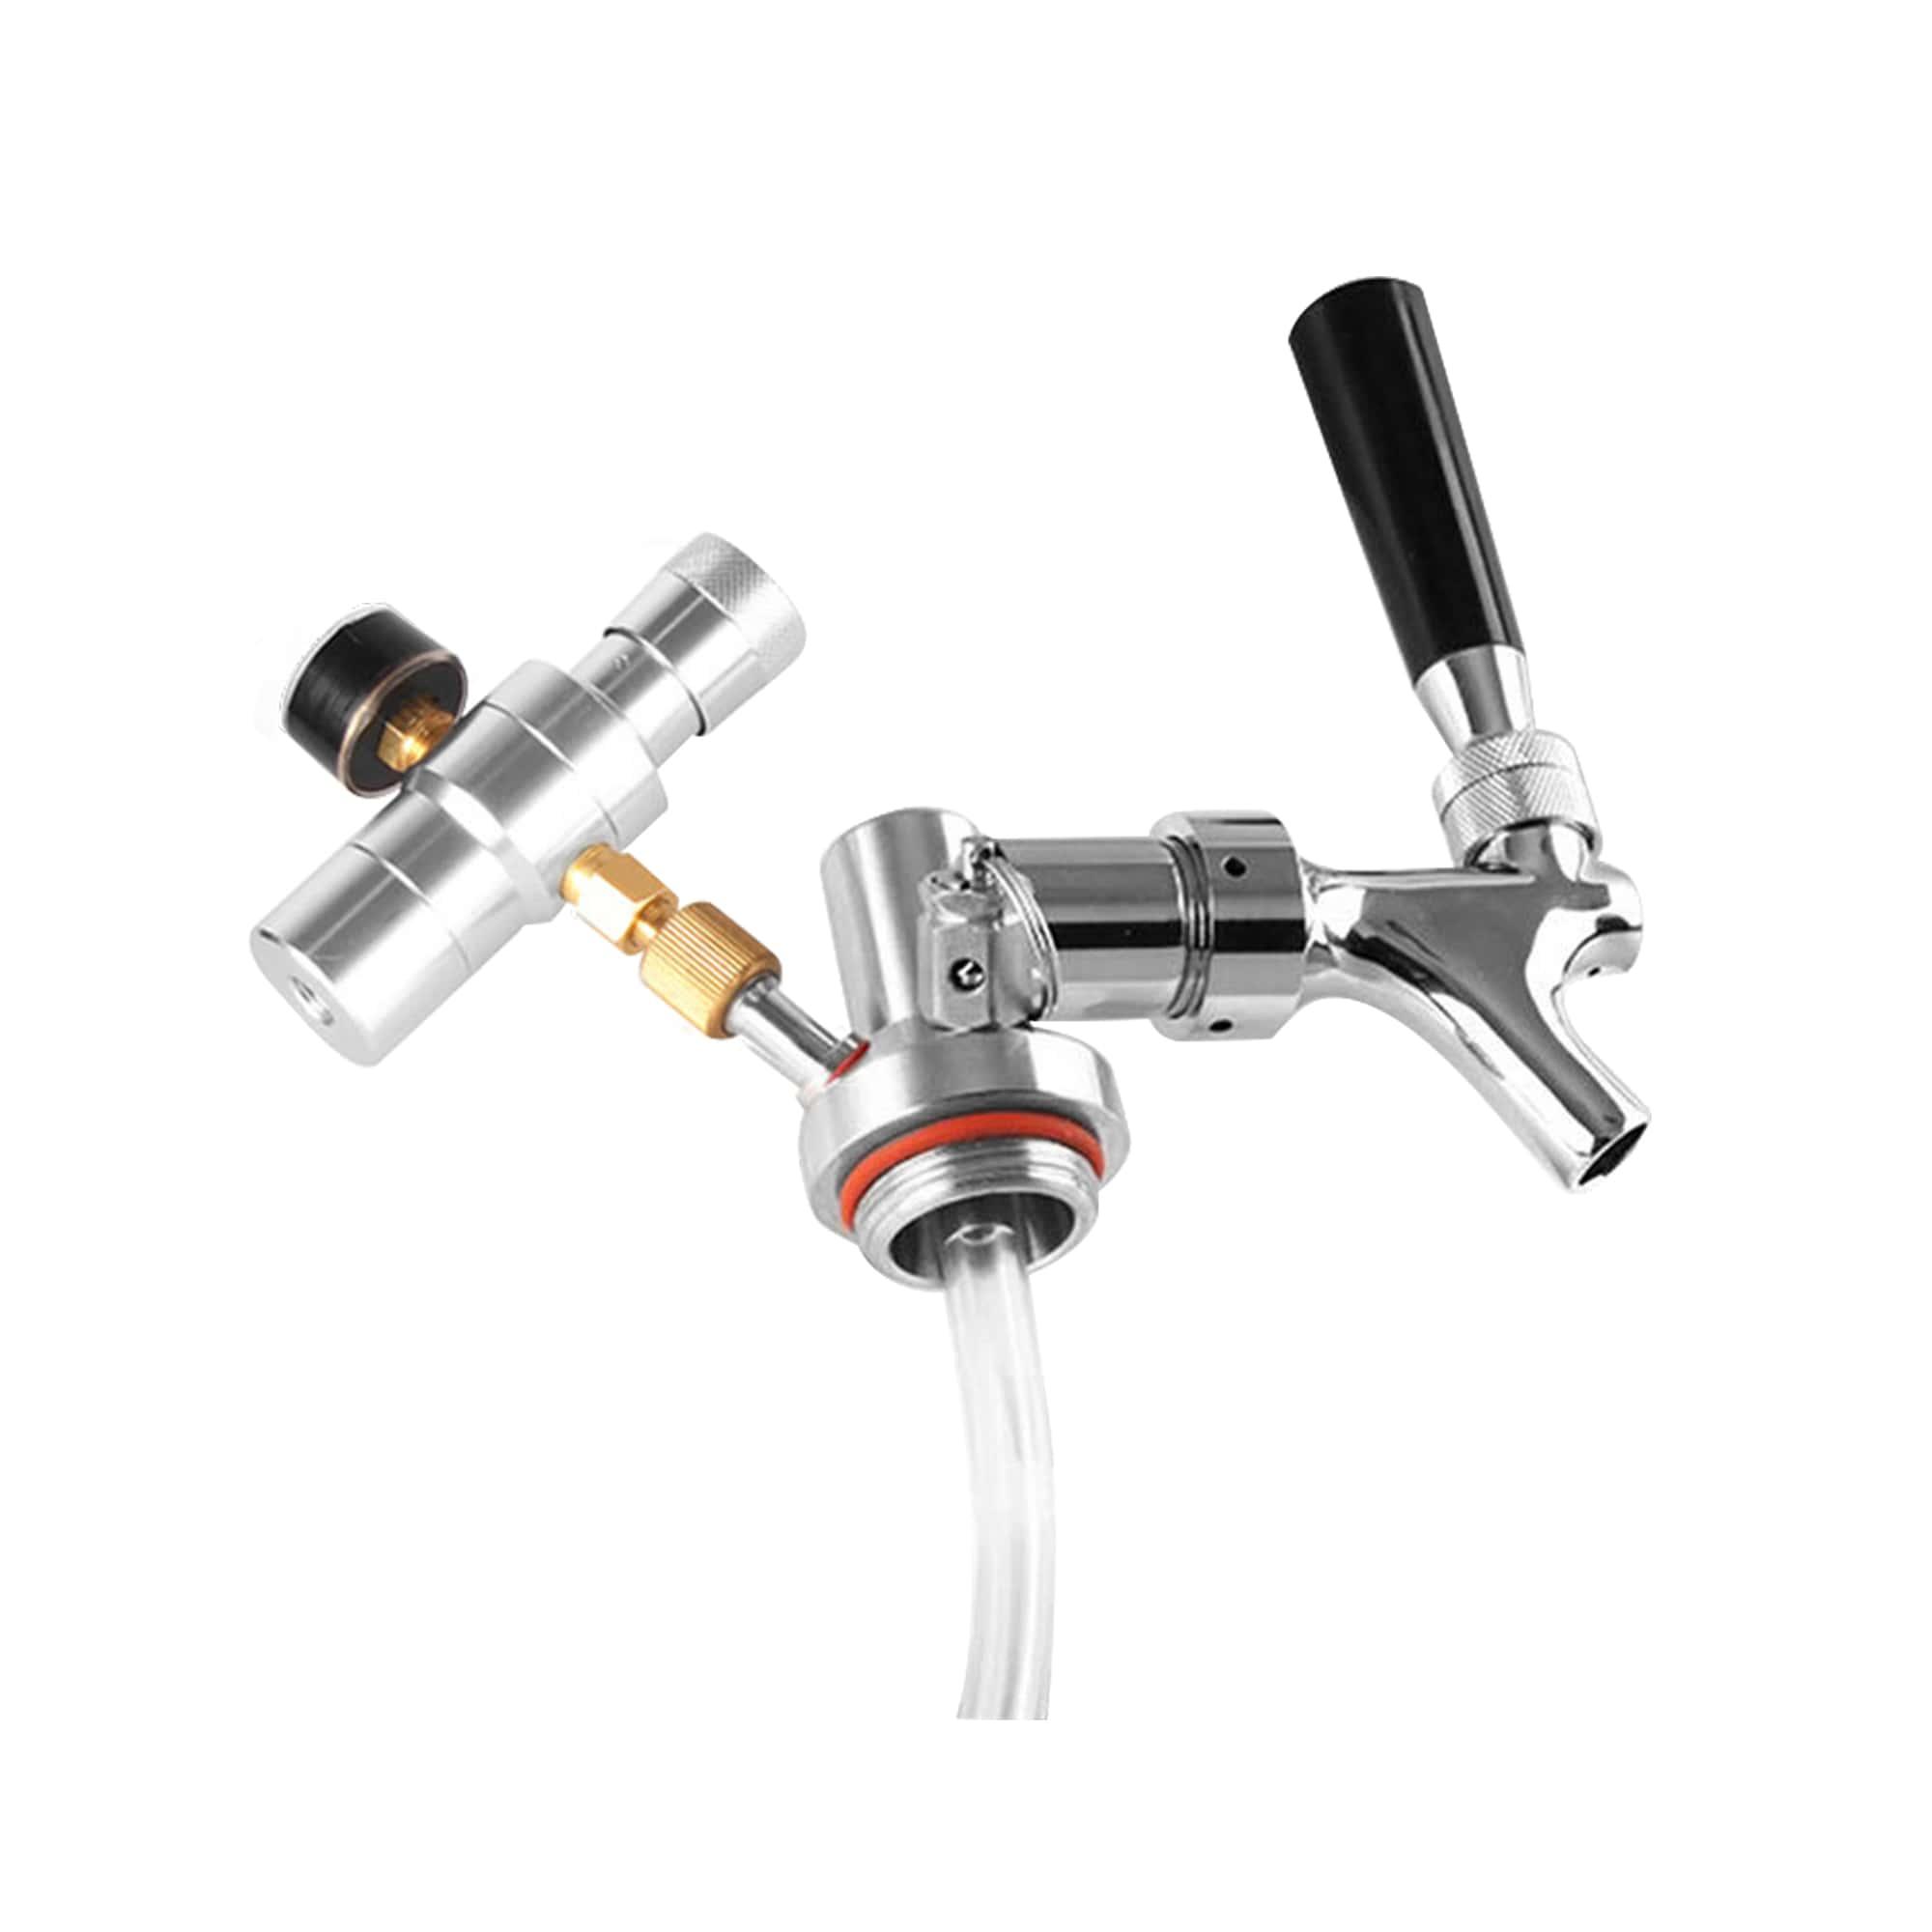 Sistema de Extração para Mini Keg com torneira Americana e Regulador de Pressão tipo I